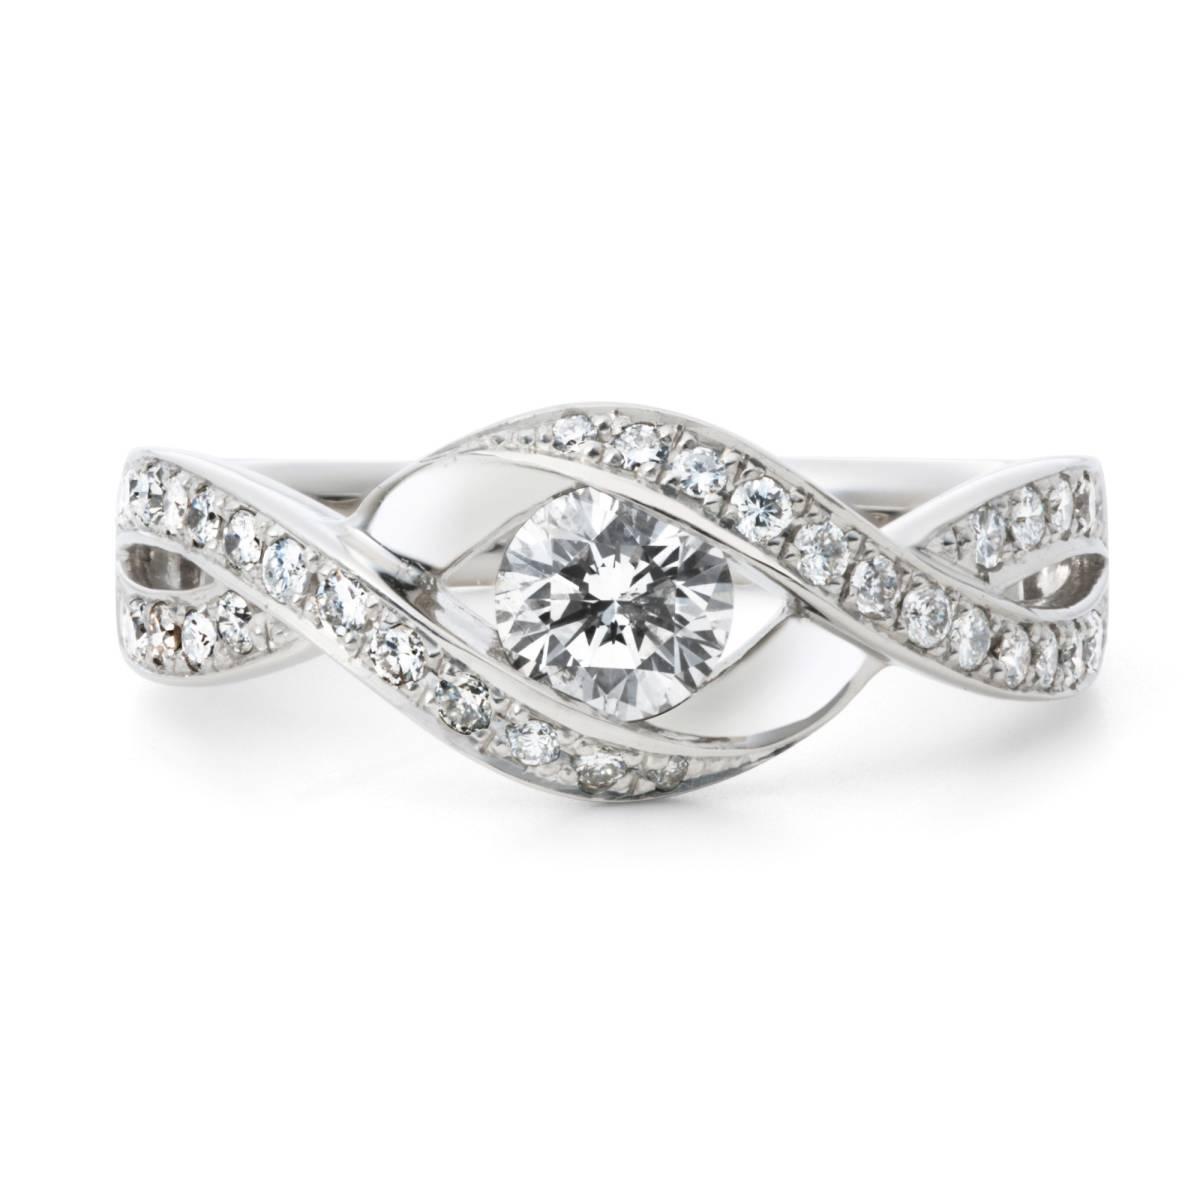 ★★★ハイセンス 最高級 Fカラーの輝き 極上 ダイヤモンド 0.772ct インフィニティ デザイン プラチナ pt900 リング